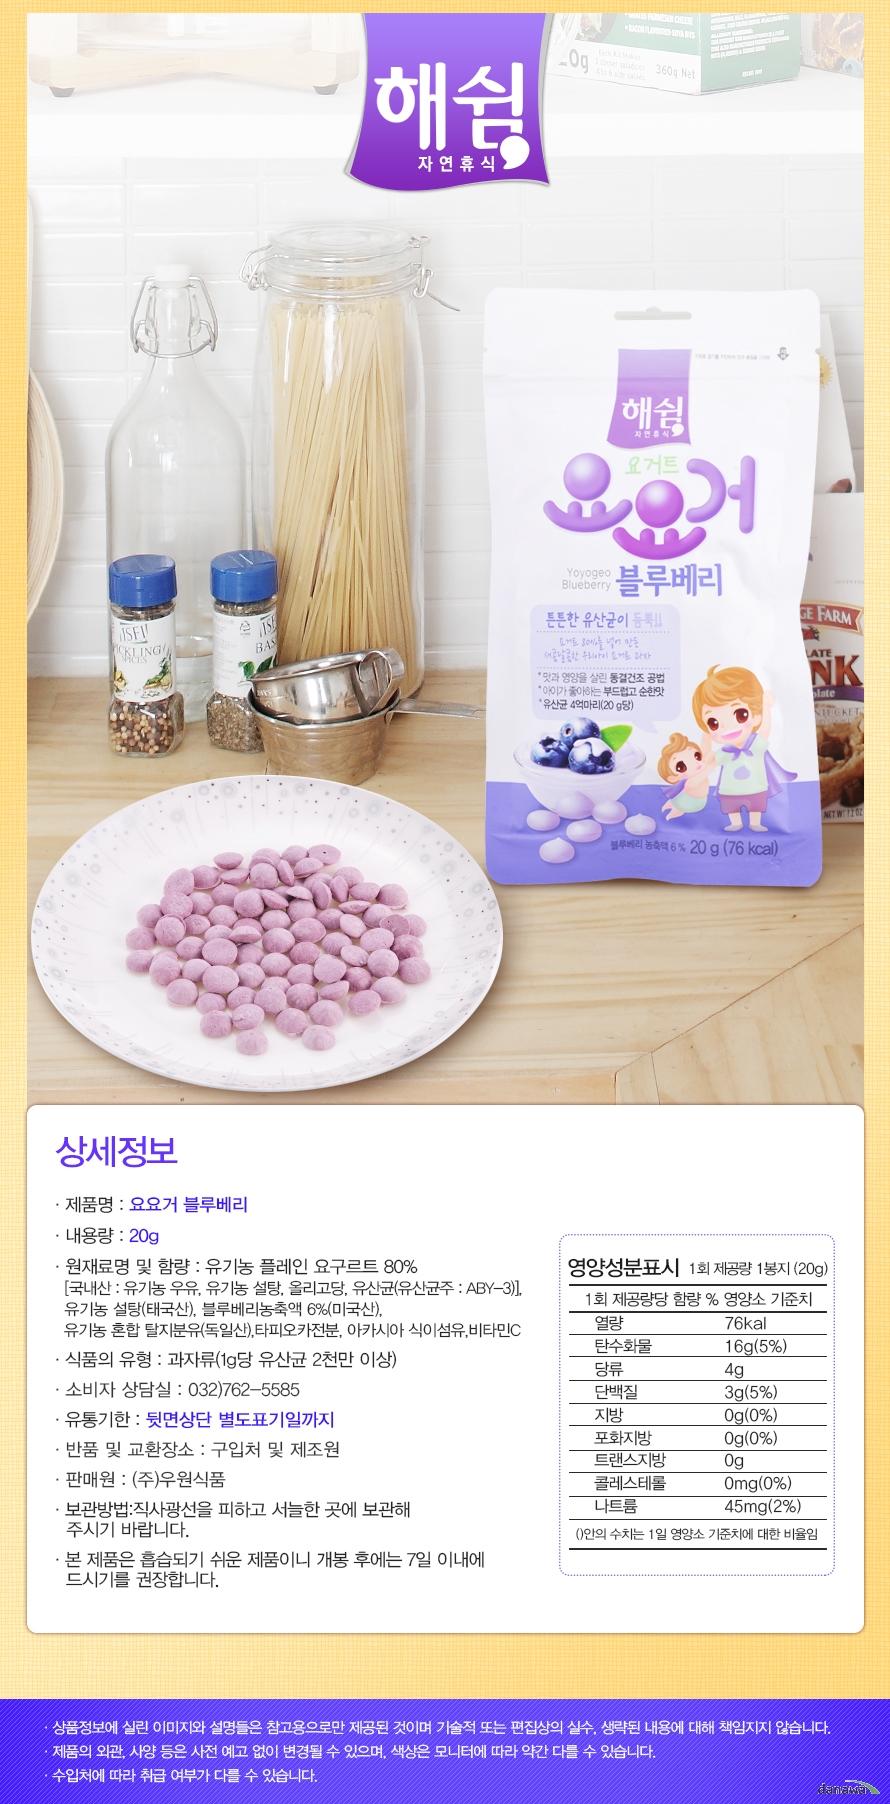 해쉼 요요거 블루베리 영양성분 및 상세정보